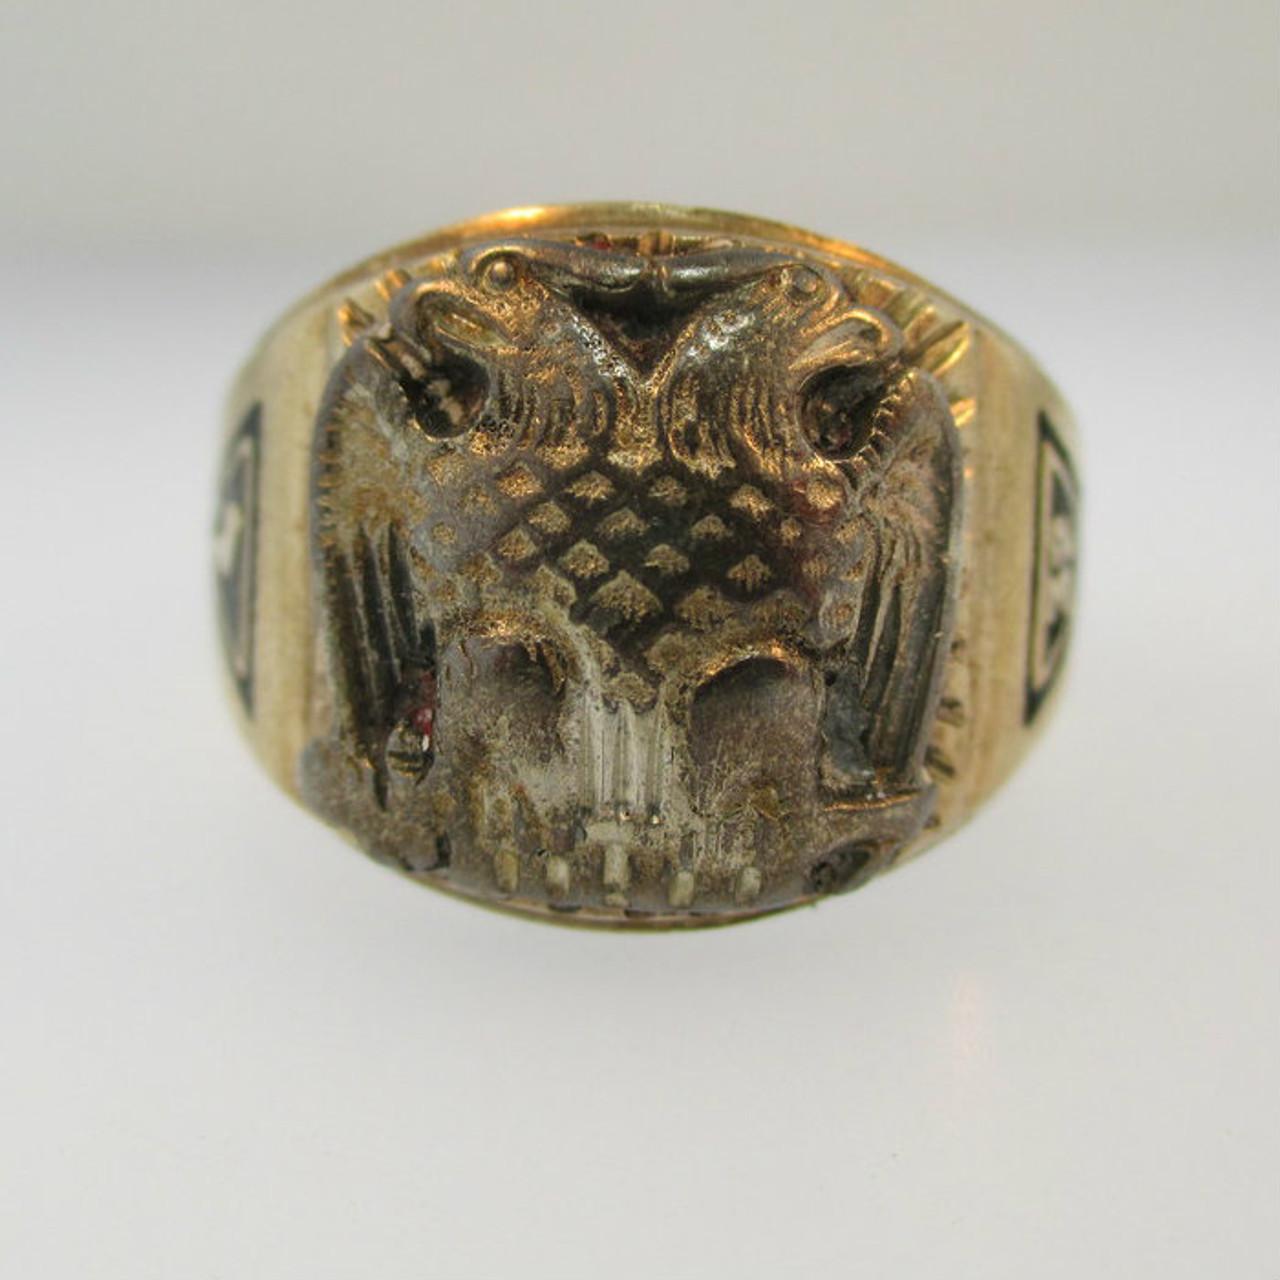 10k Yellow Gold Masonic Ring 32nd Degree Size 10